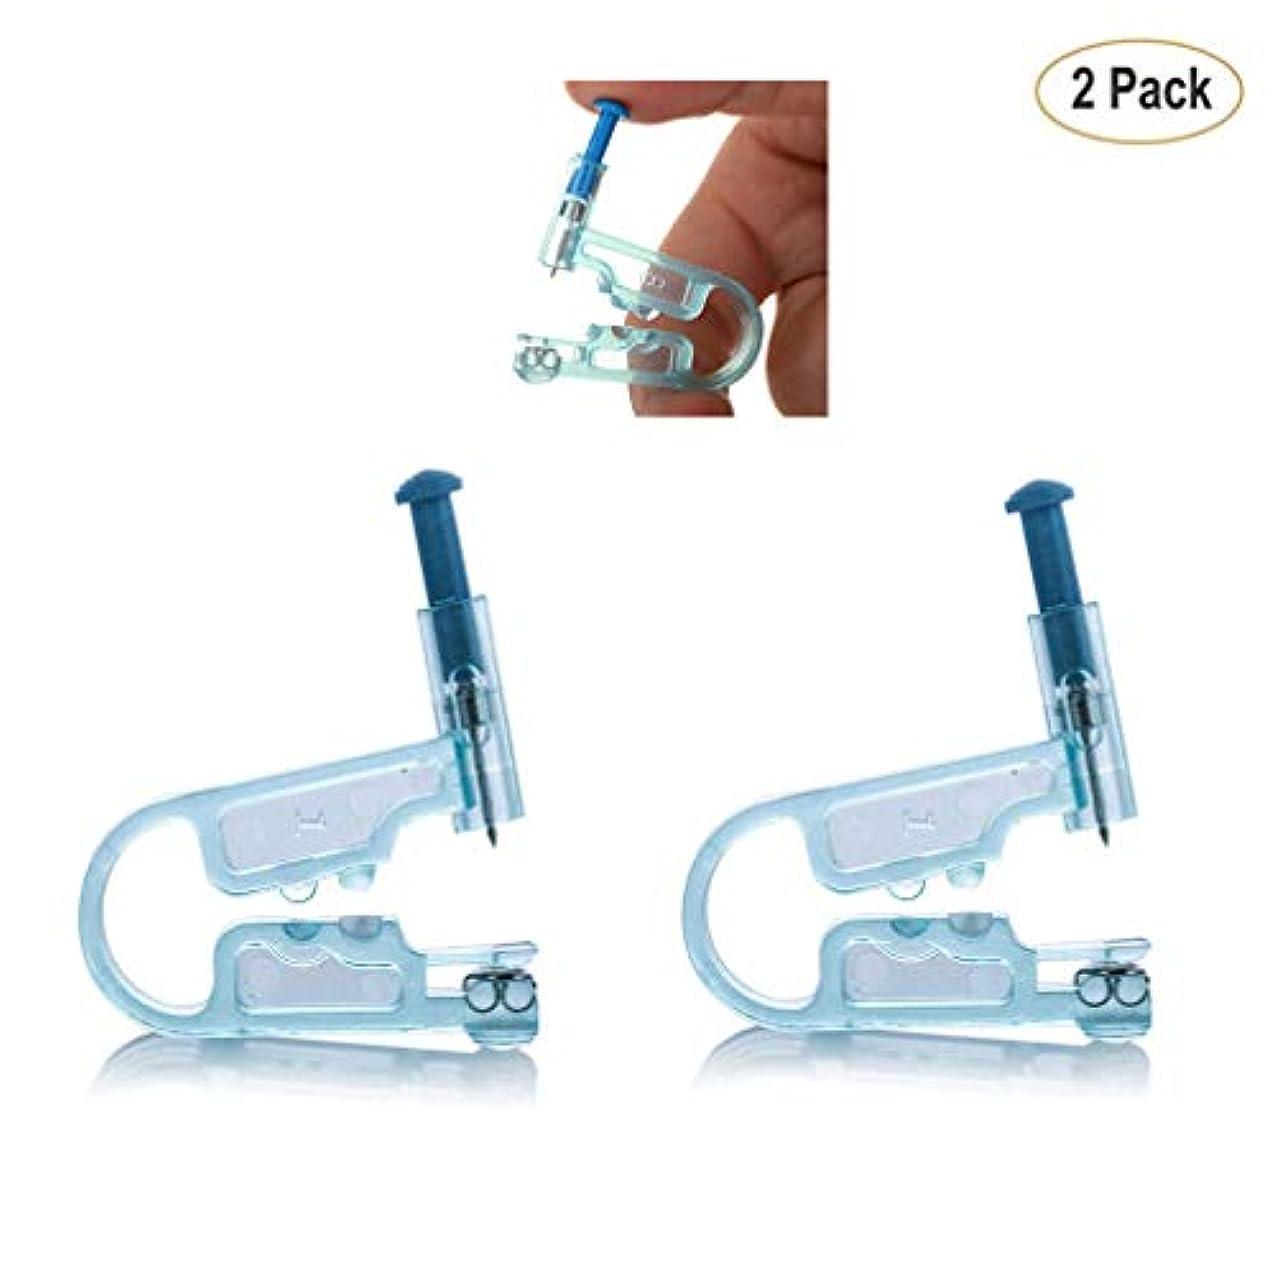 因子牛略すJINTOP Disposable Safety Earring Gun Piercing 1/100 With Moment Unit Tool With Ear Stud Pierce Kit 2 Piece (pearl)